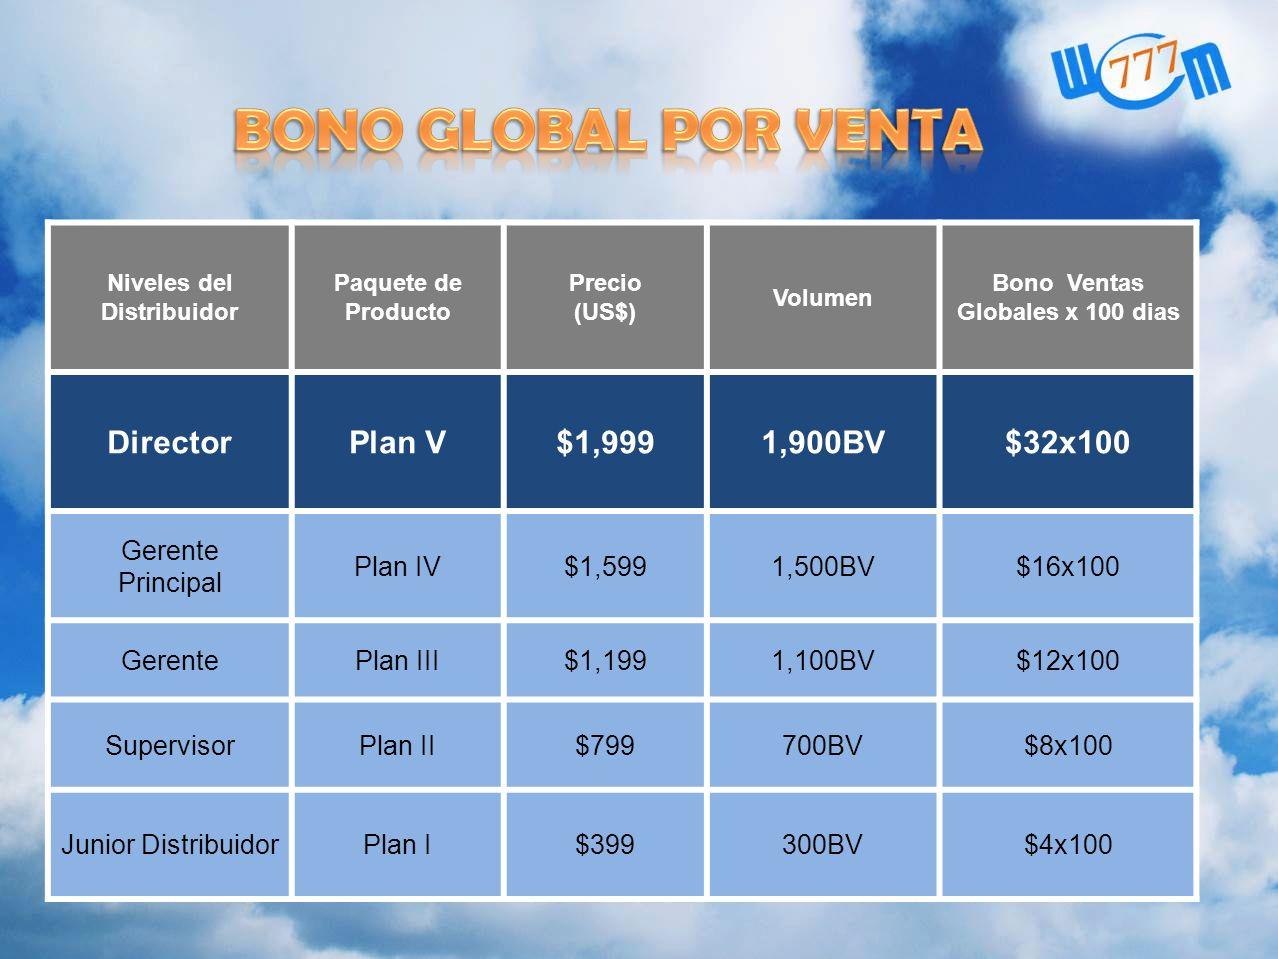 Niveles del Distribuidor Bono Ventas Globales x 100 dias